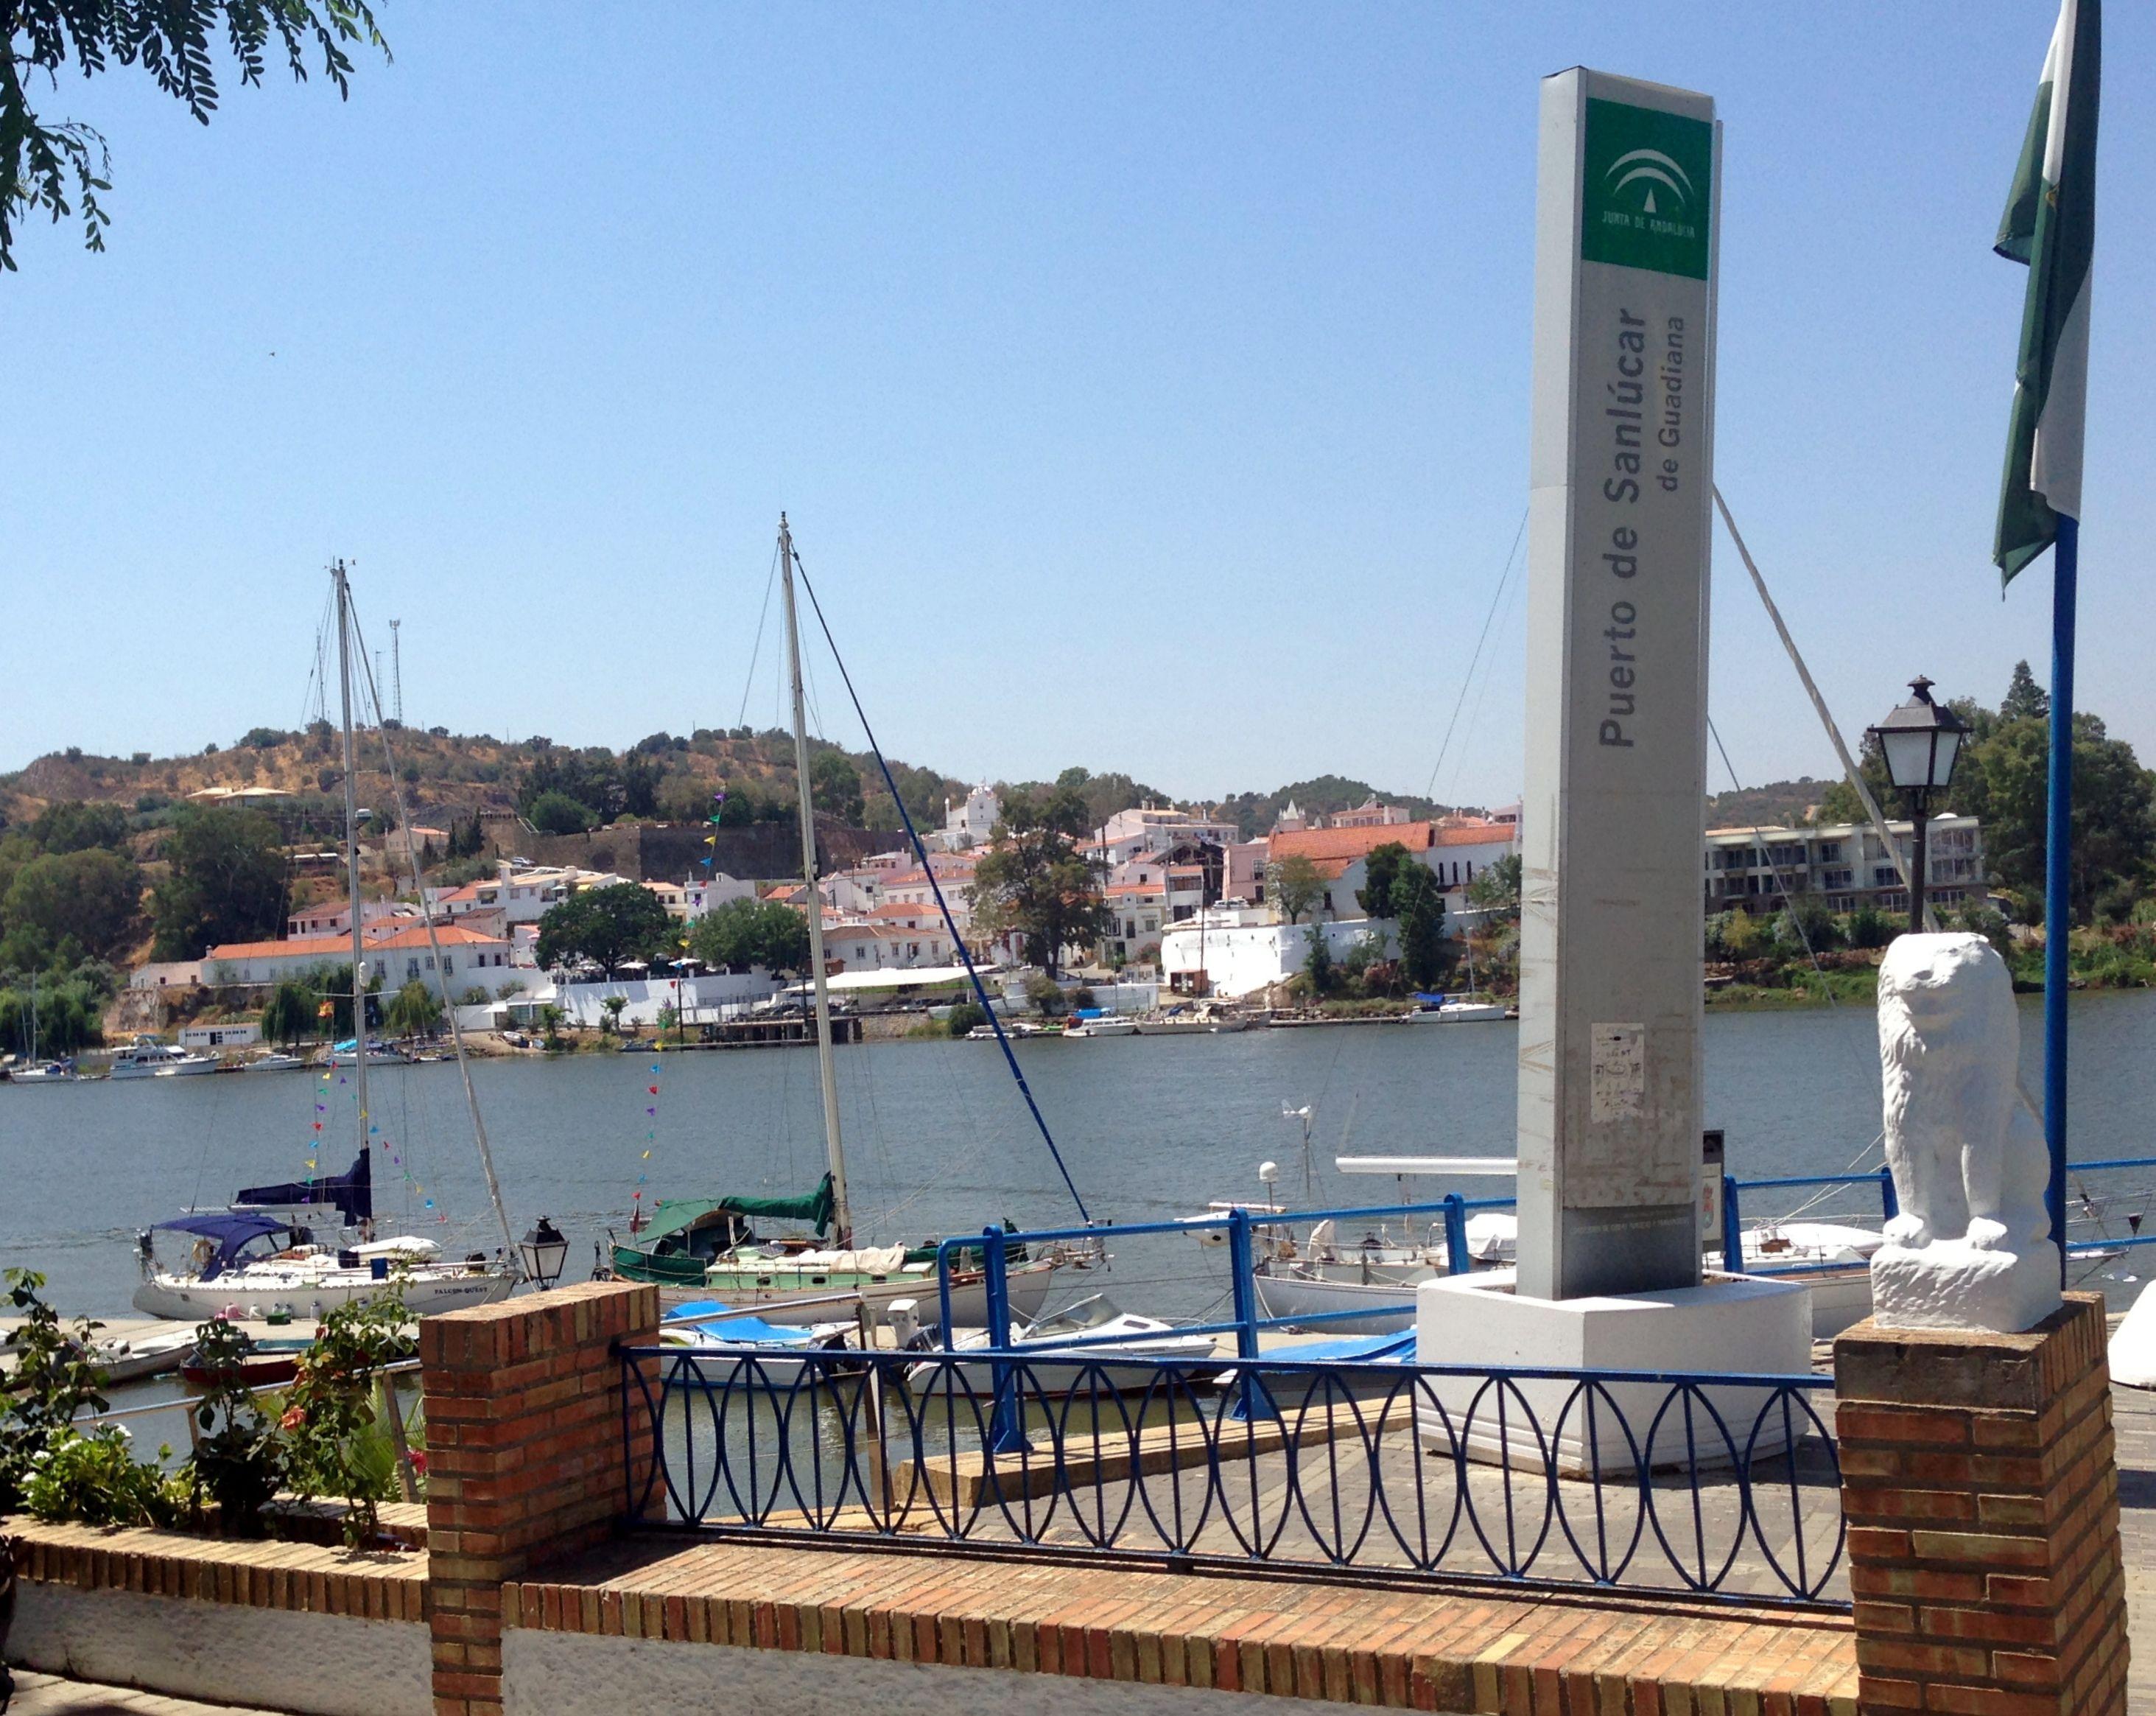 Huelva Sanlúcar De Guadiana Puerto De Sanlúcar De Guadiana 37º 28 23 40 7º 28 6 00 Especial Mención Merece Este Pequeño Y Andalucía Barcos Puerto